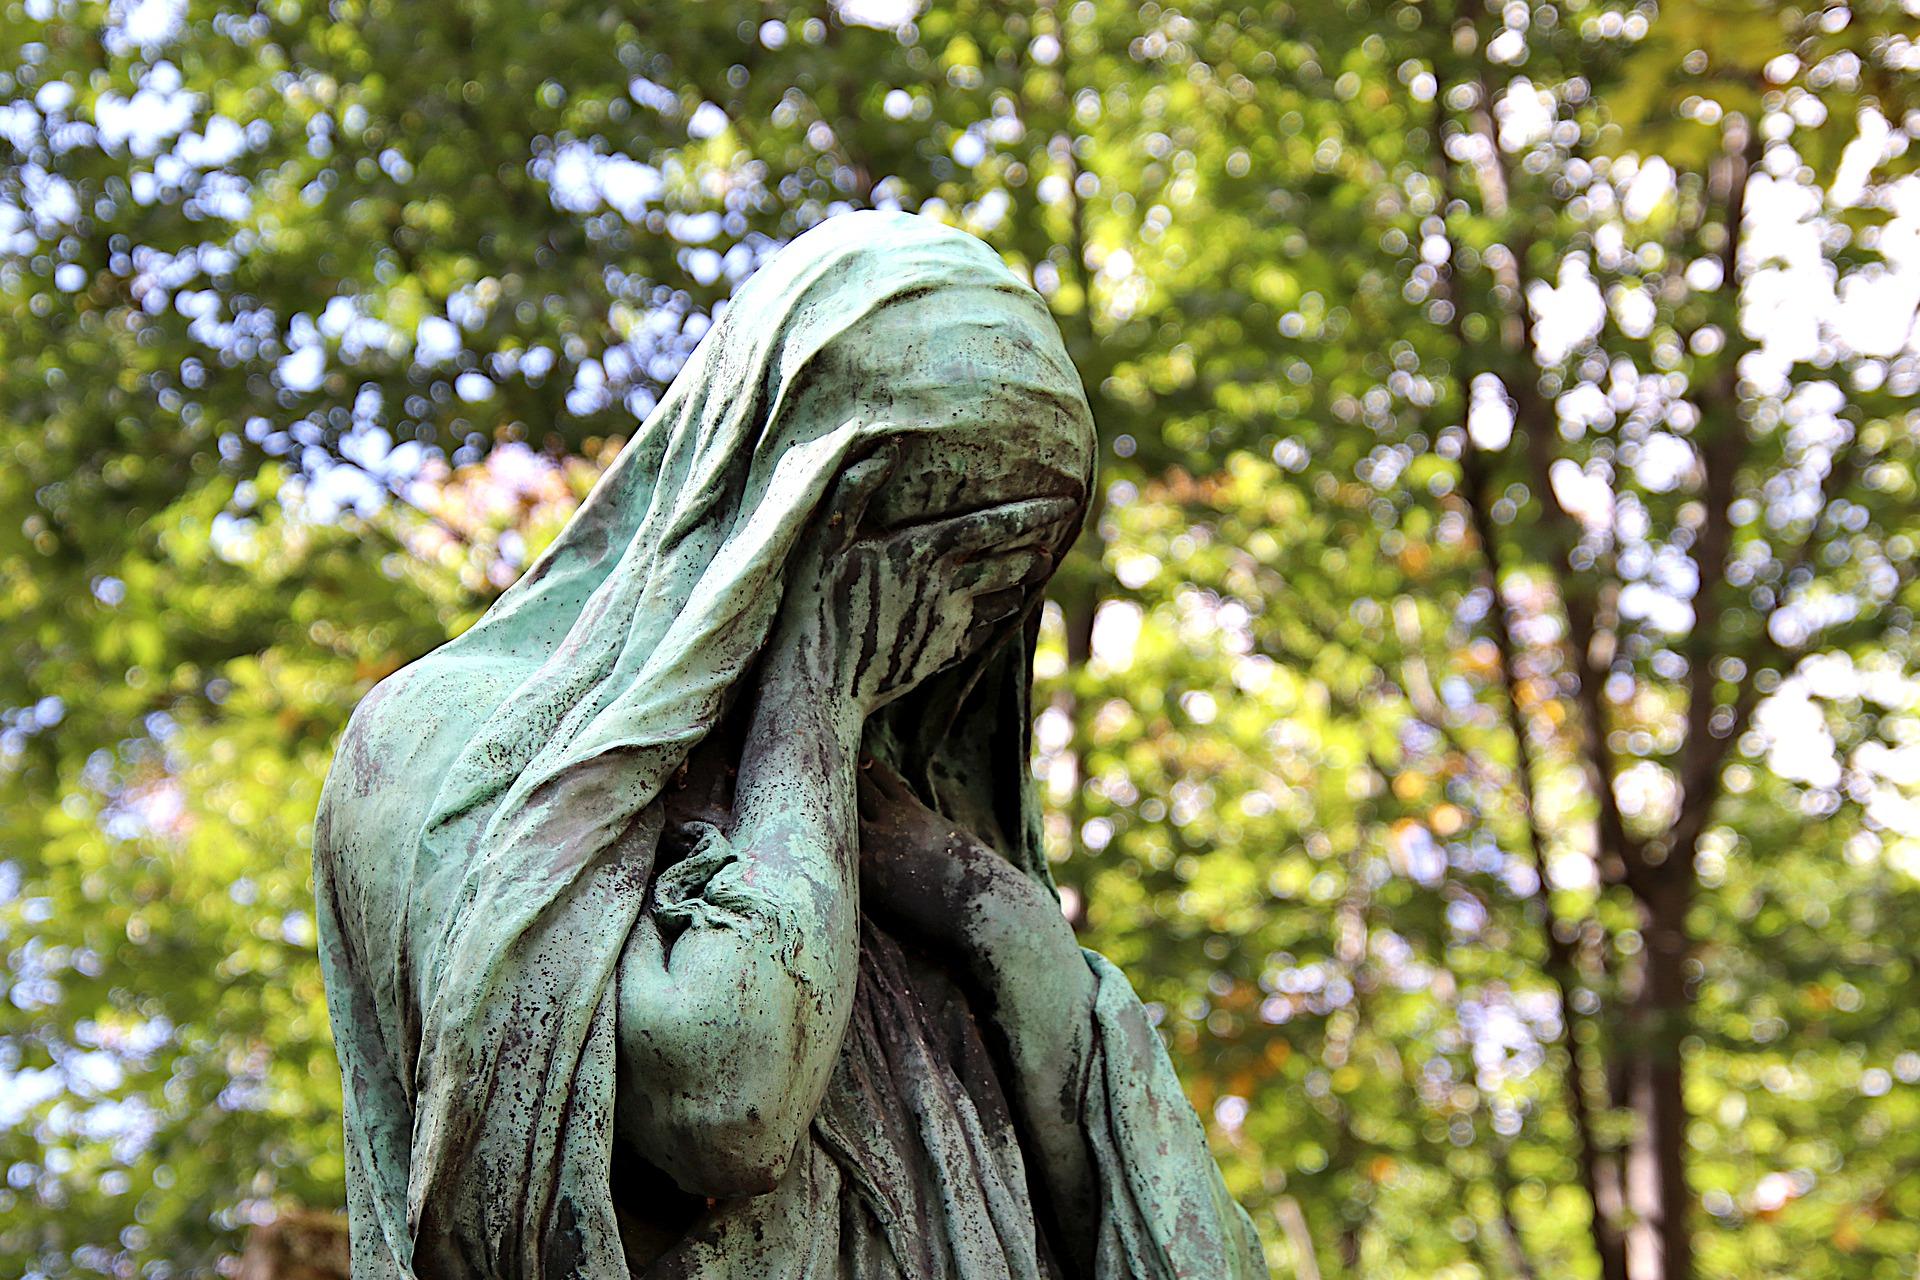 COVID-19는 우리가 사랑하는 이들의 죽음을 애도하는 방식과 슬픔을 당한 이들을 위로하는 방식을 포함한 모든 것을 바꿔 놓았다. 사진 제공: 자크 게이말, Pixabay.